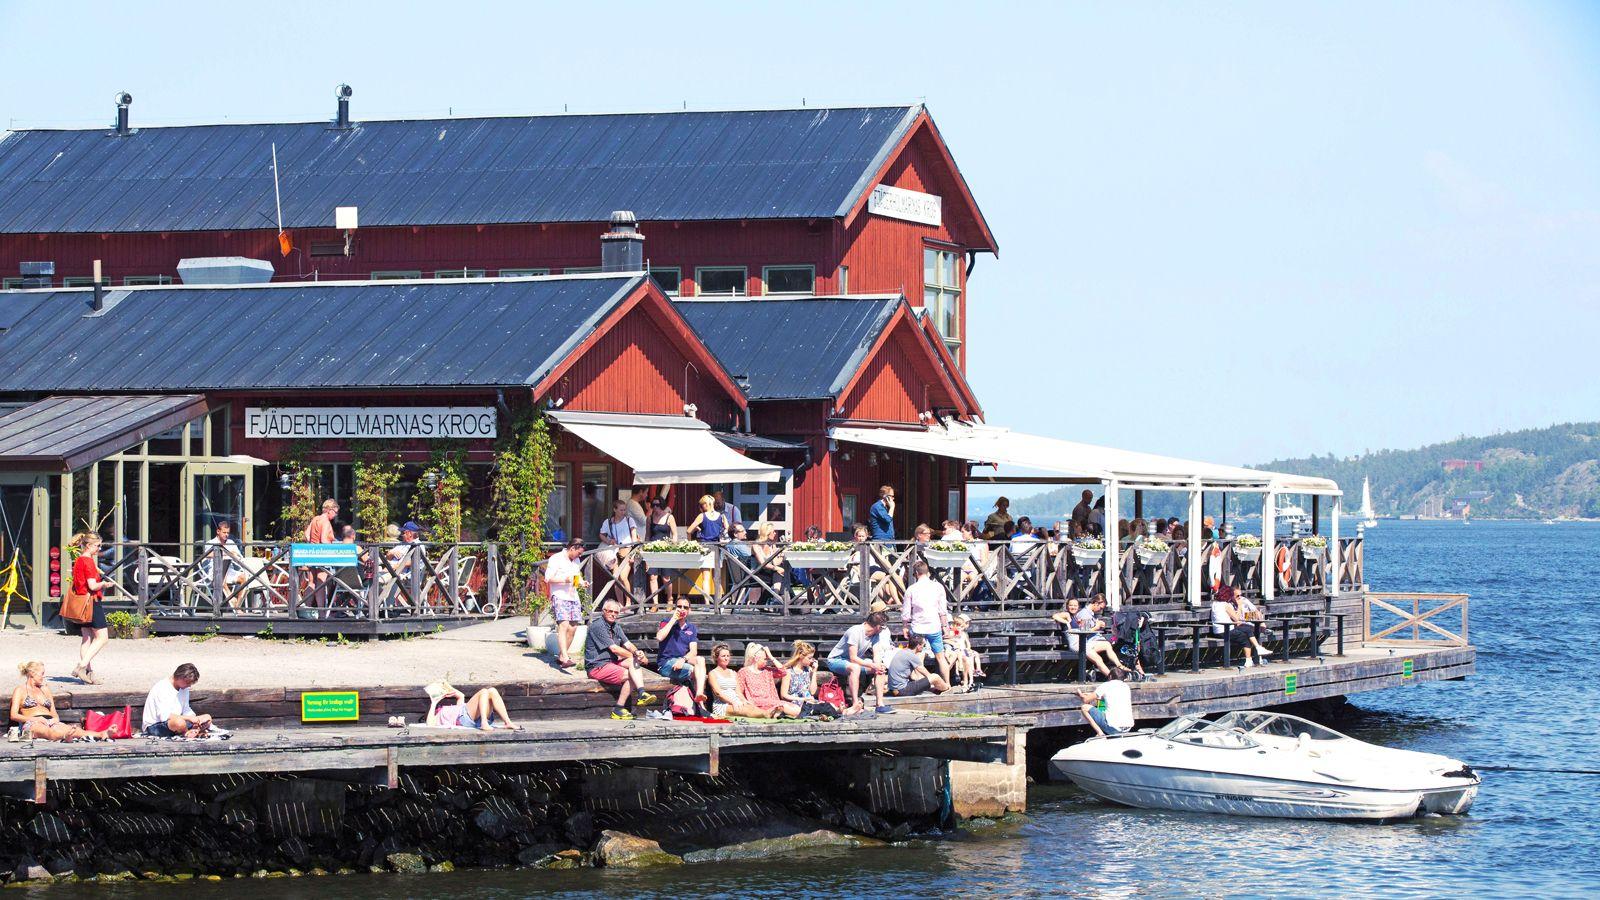 Billete de barco de ida y vuelta a Fjäderholmarna